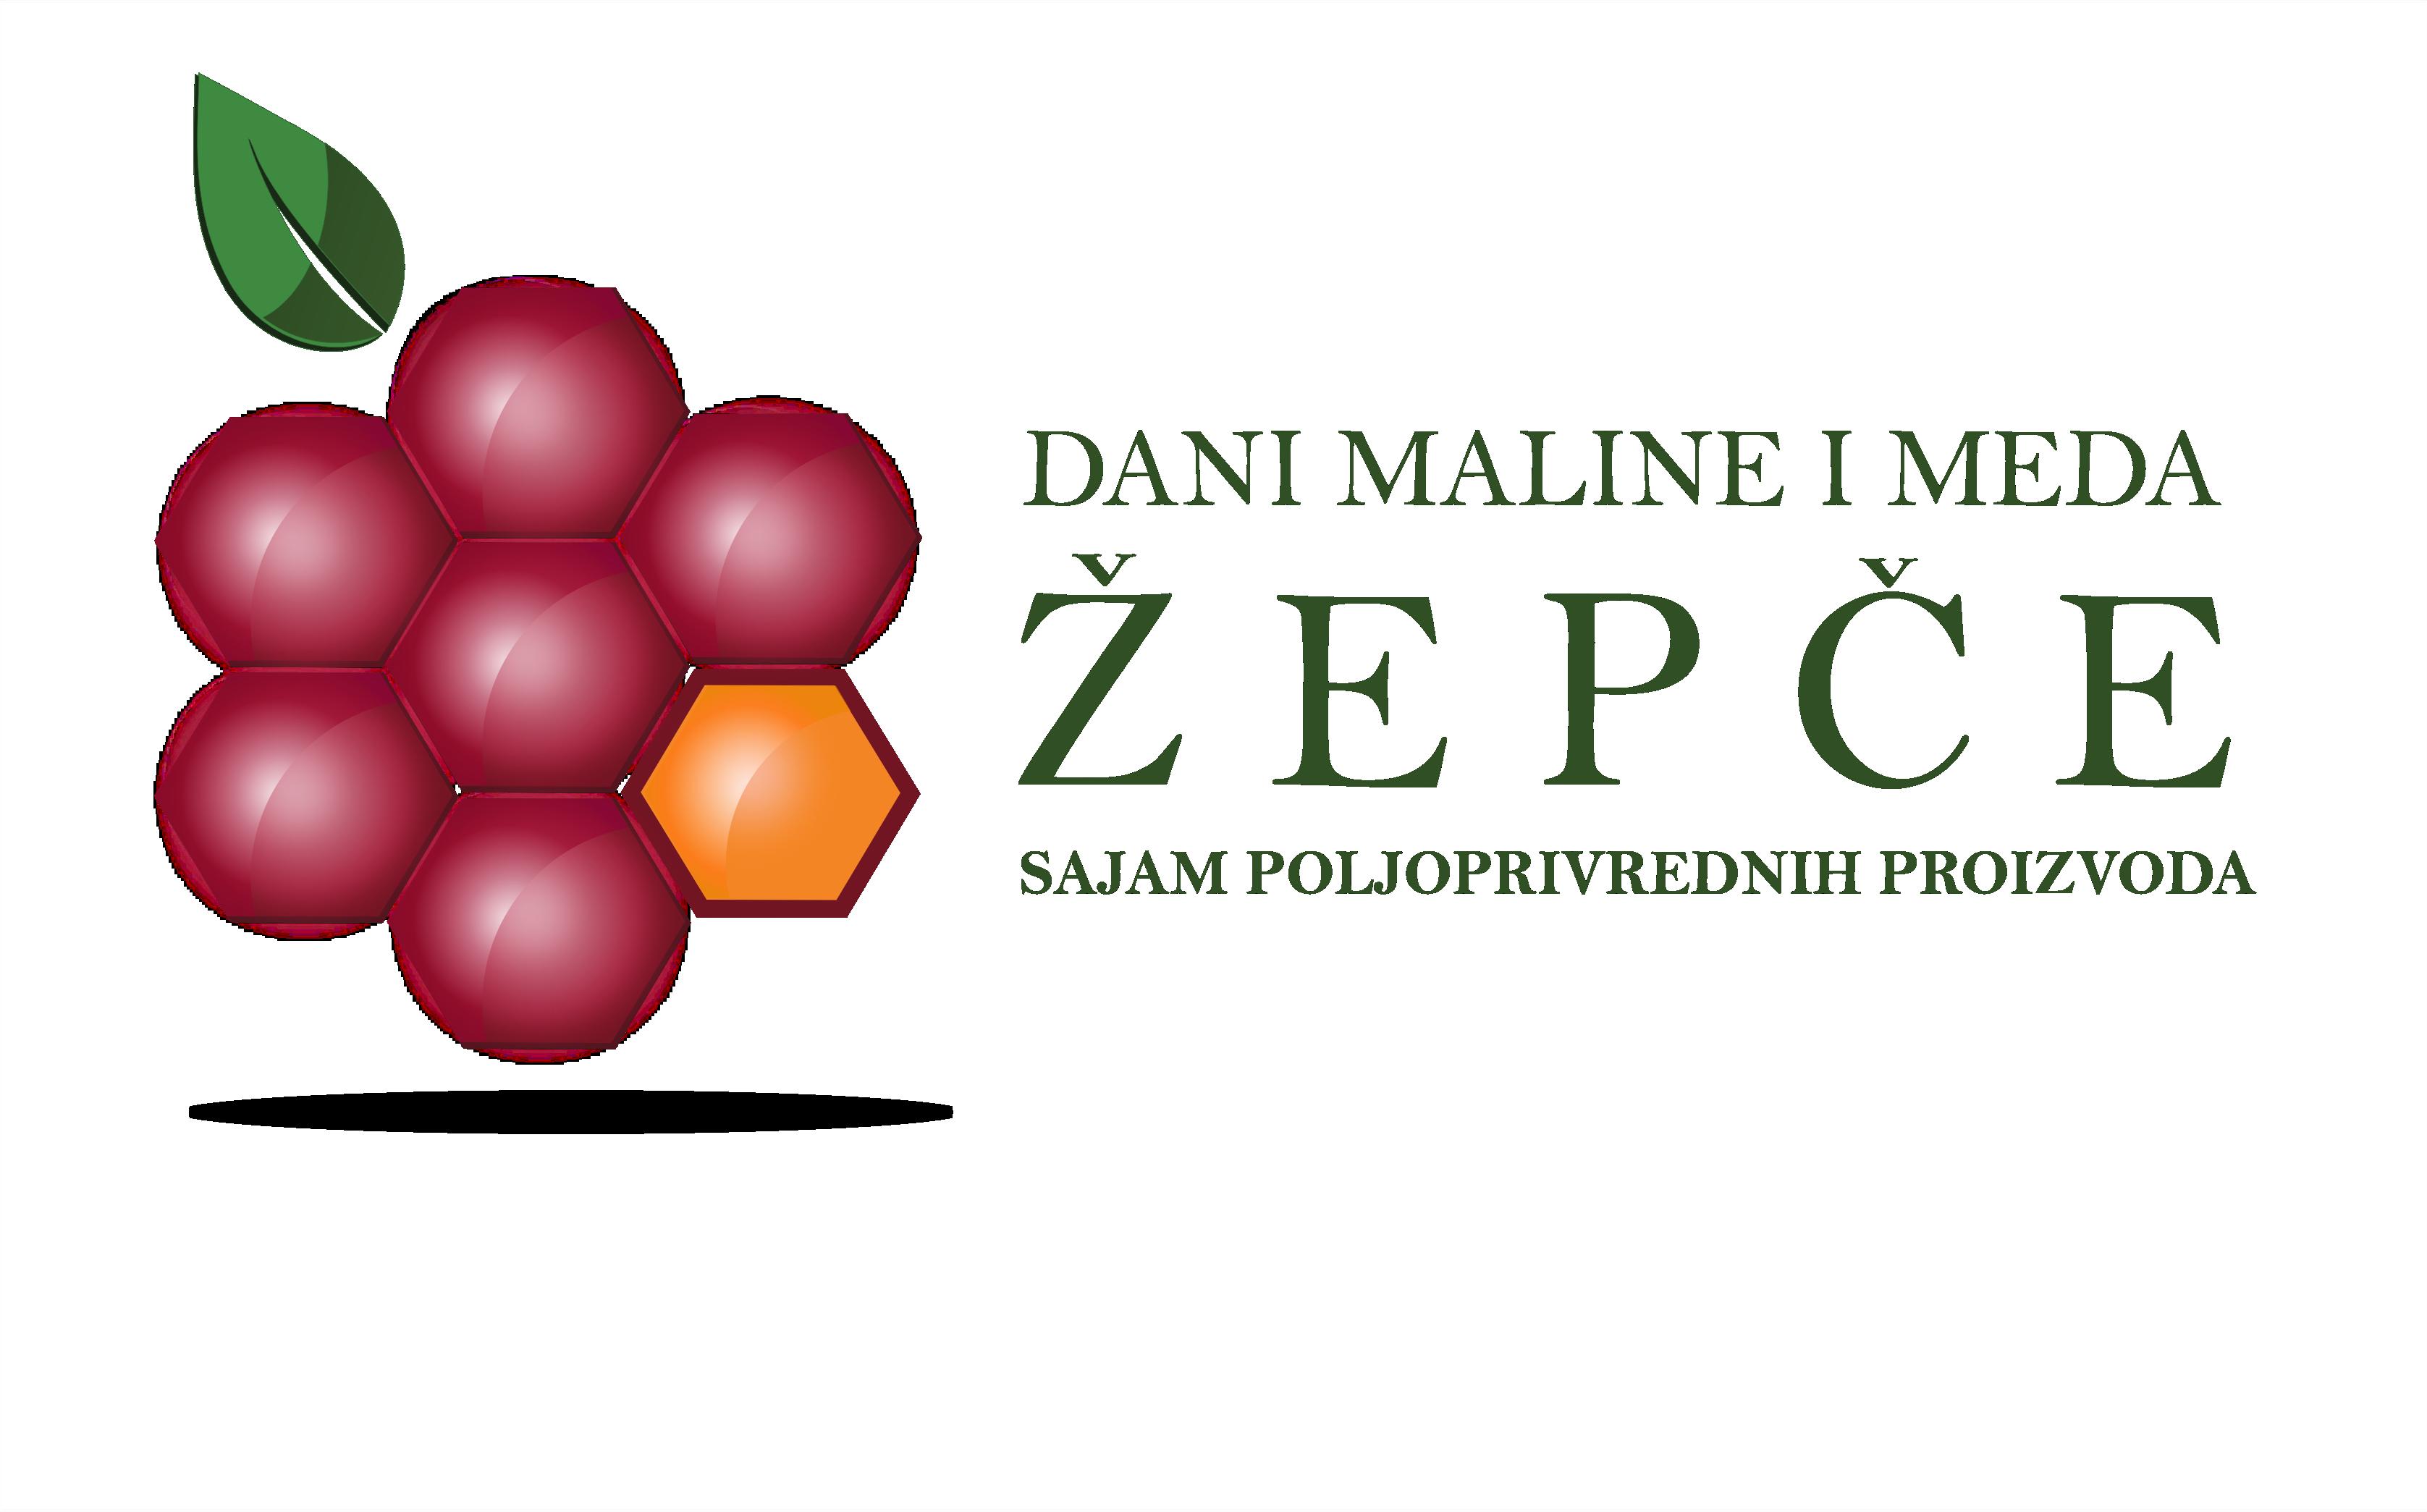 """logo-dani-maline-i-meda Poziv za sudjelovanje na sajmu poljoprivrednih proizvoda """"Dani maline i meda"""" Žepče 2019."""